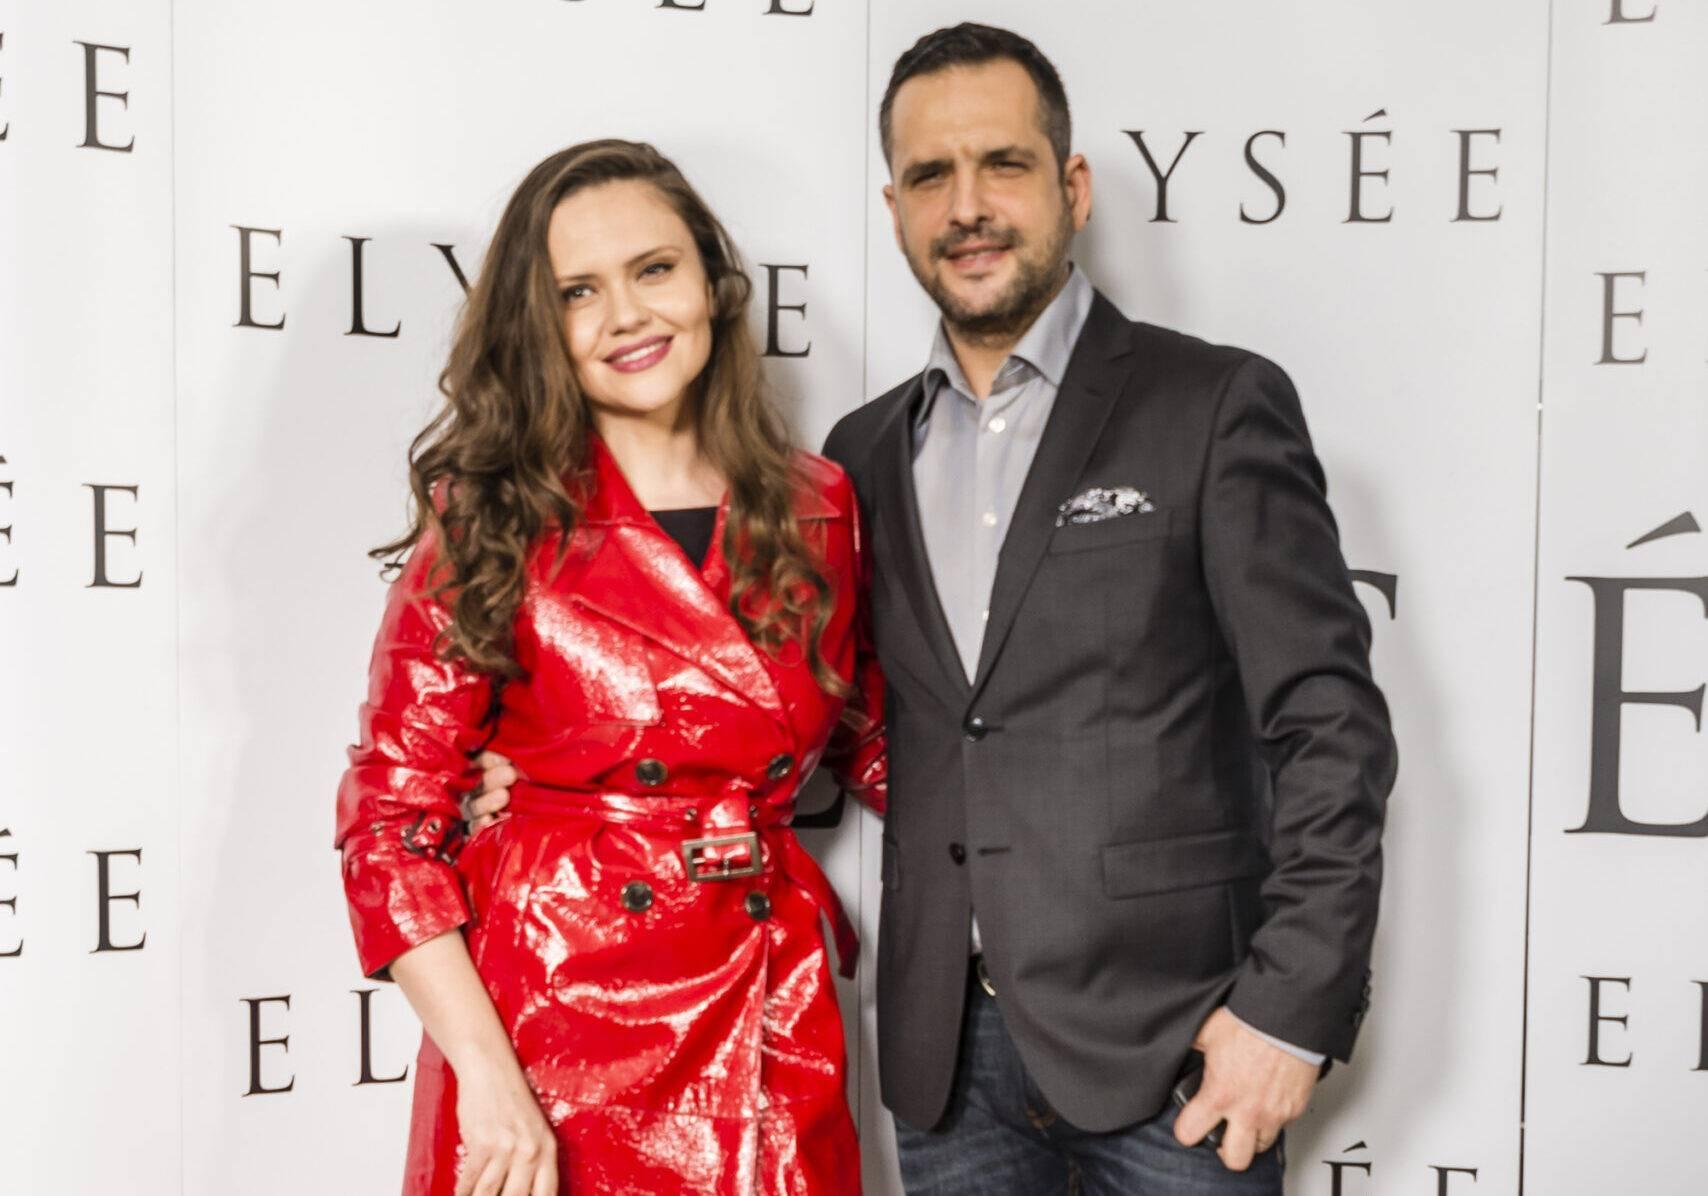 Mădălin Ionescu și Cristina Șișcanu, despre familie, dragoste, relație. S-a pus vreodată problema unei despărțiri?